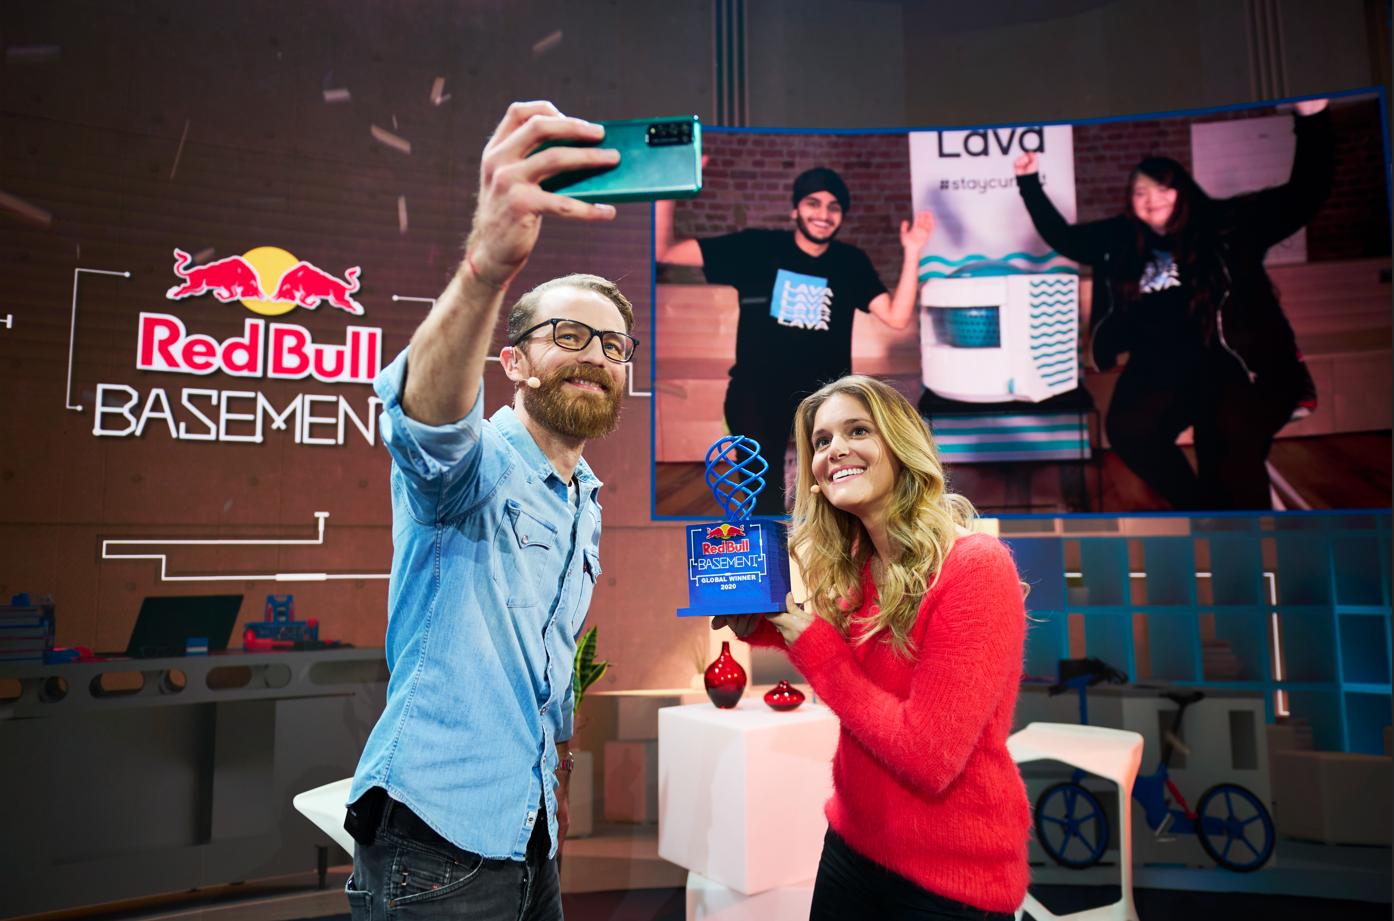 Red Bull Basement hap dyert për studentët dhe inovatorët nga Kosova